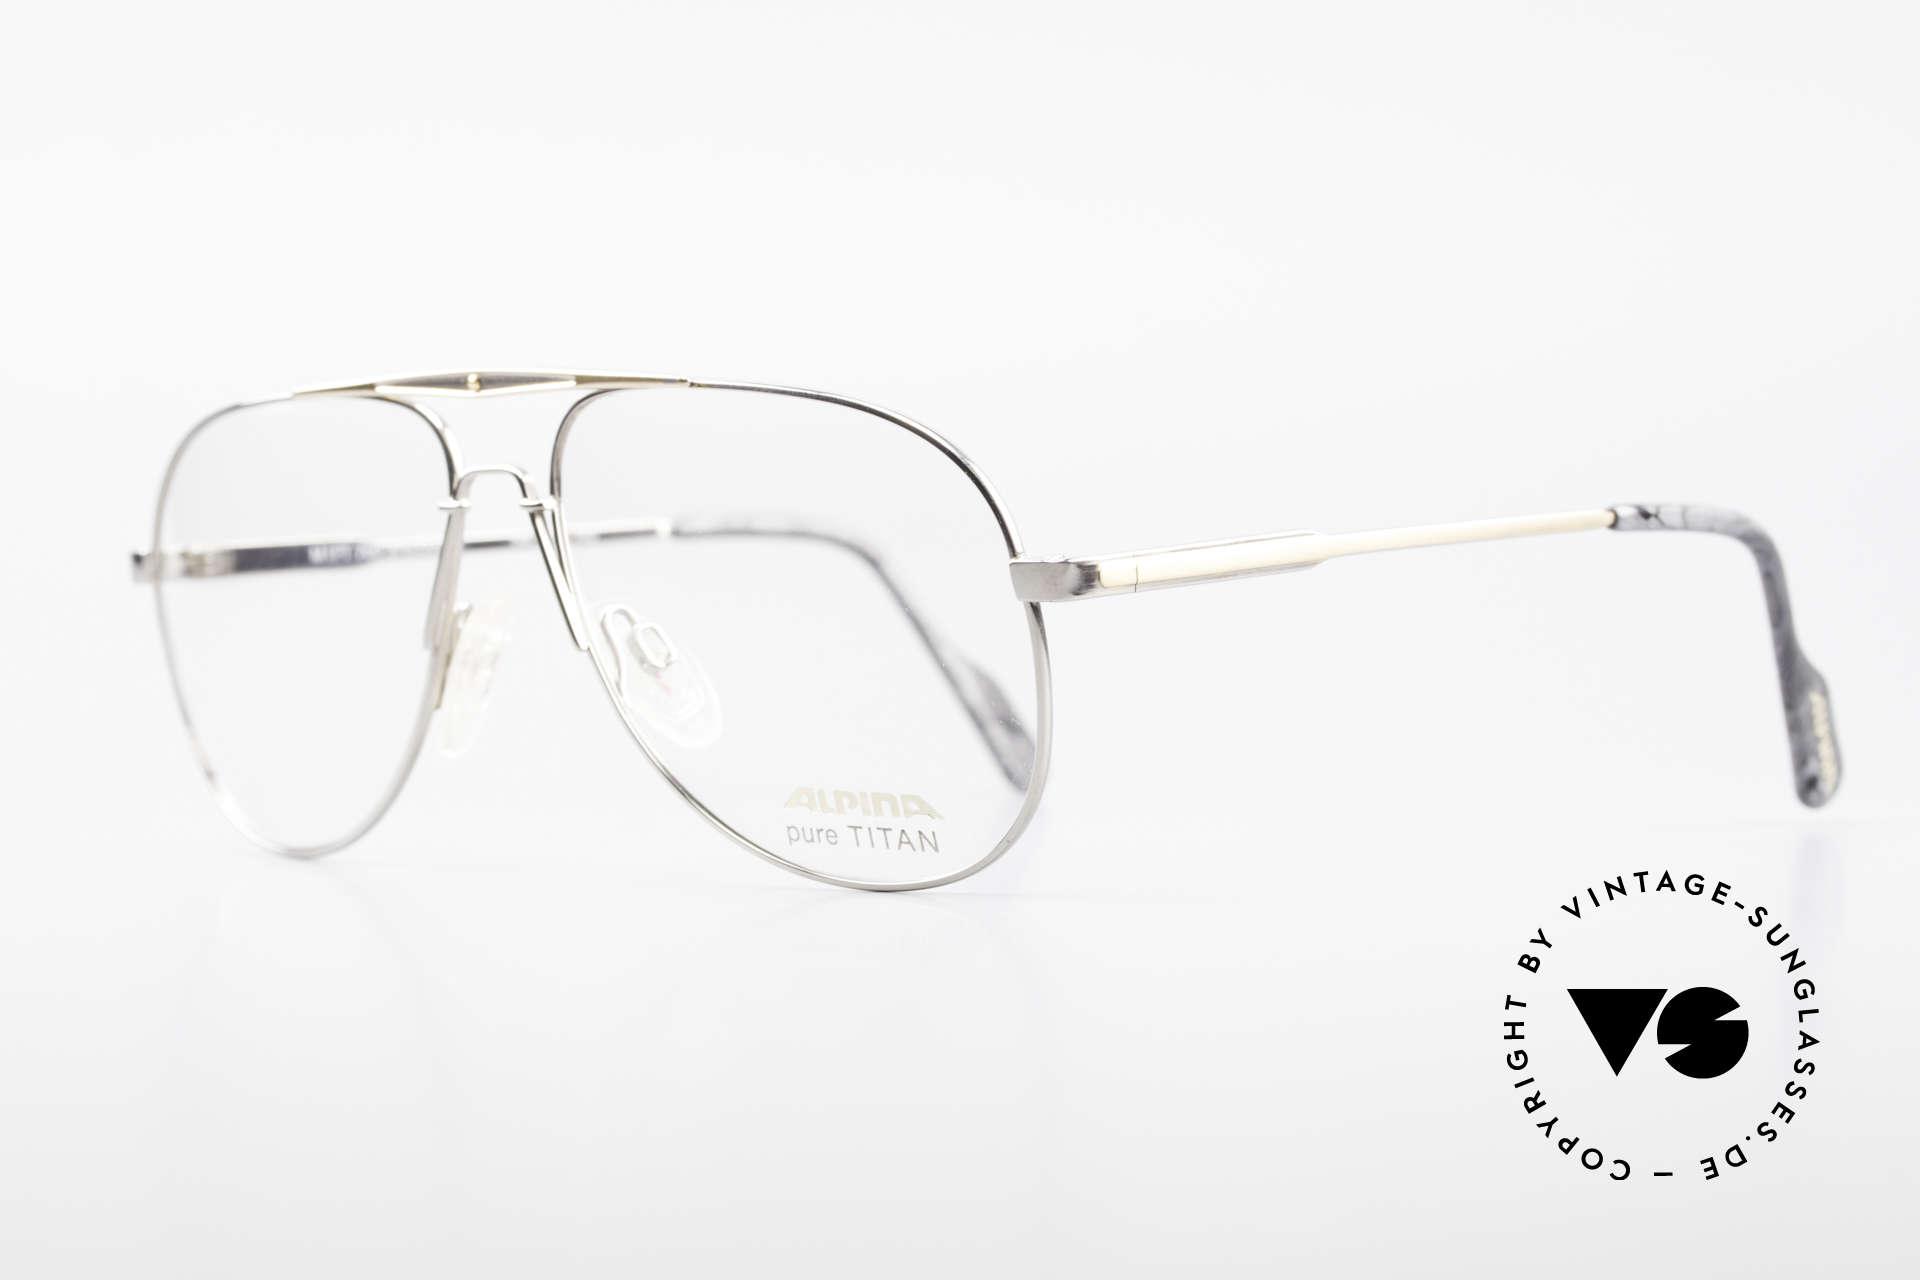 Alpina M1FT Vintage Aviator Titan Brille, sehr leicht u. entsprechend angenehm zu tragen, Passend für Herren